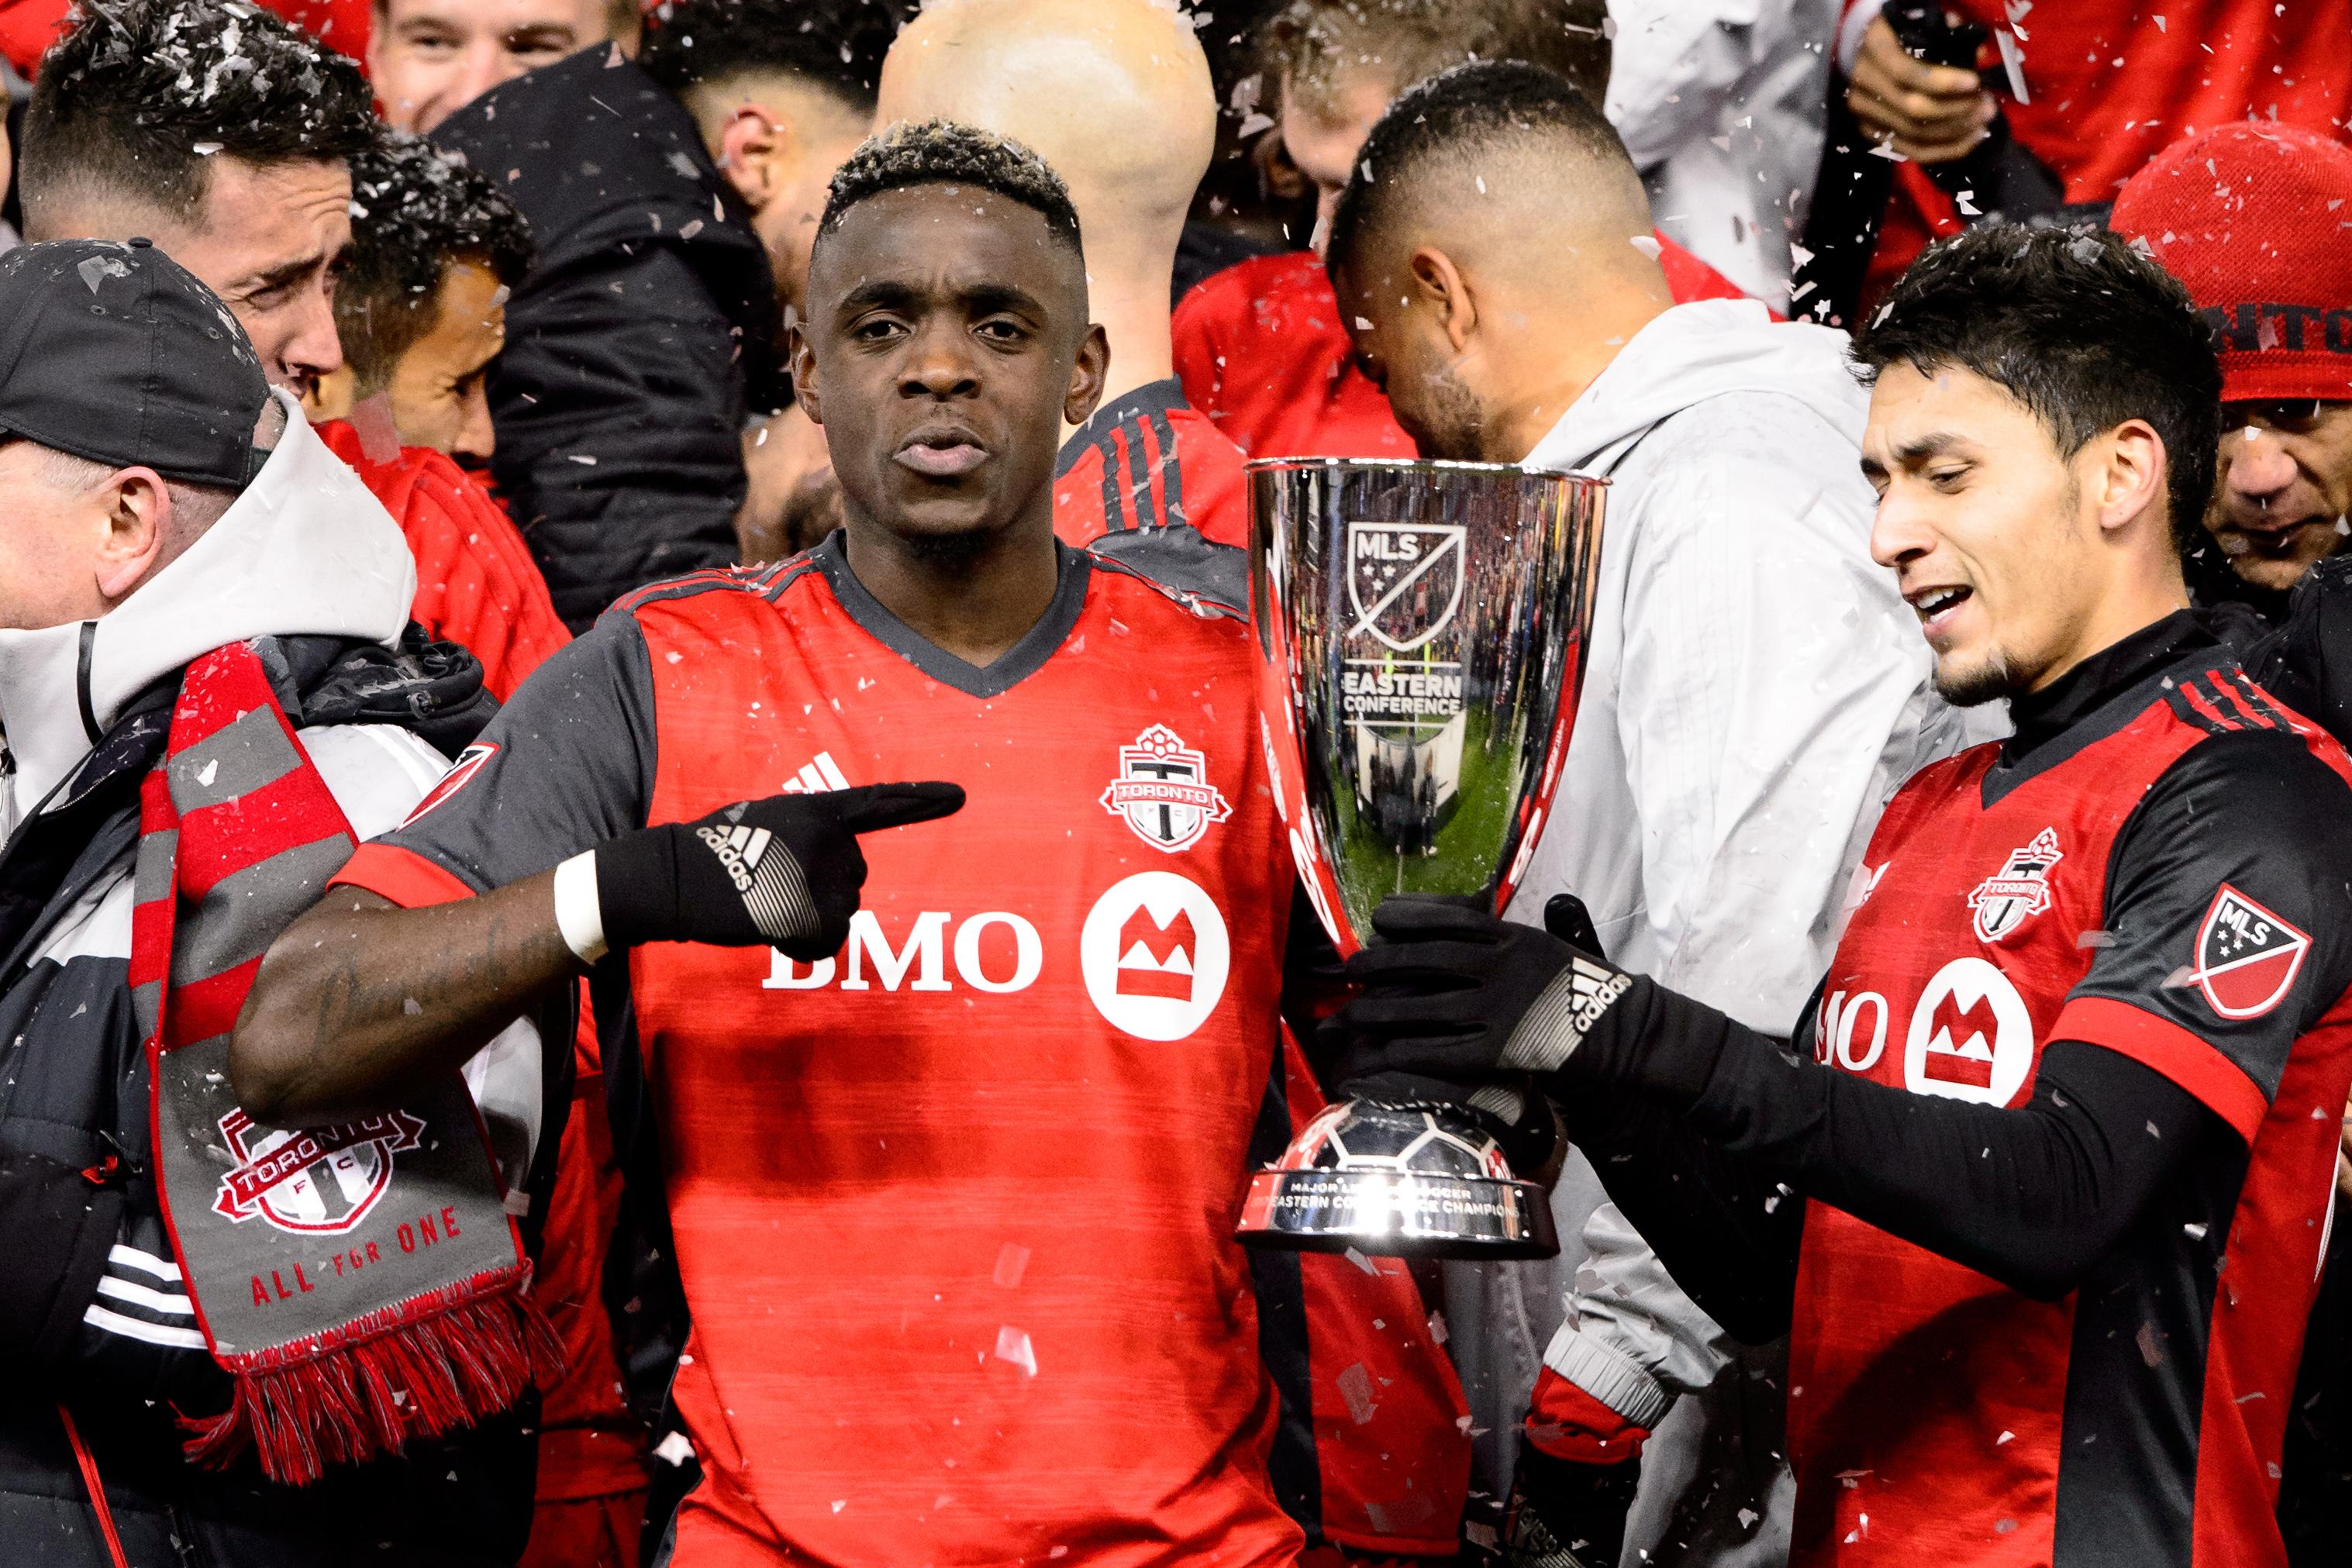 SOCCER: NOV 29 MLS Conference Finals - Columbus Crew at Toronto FC